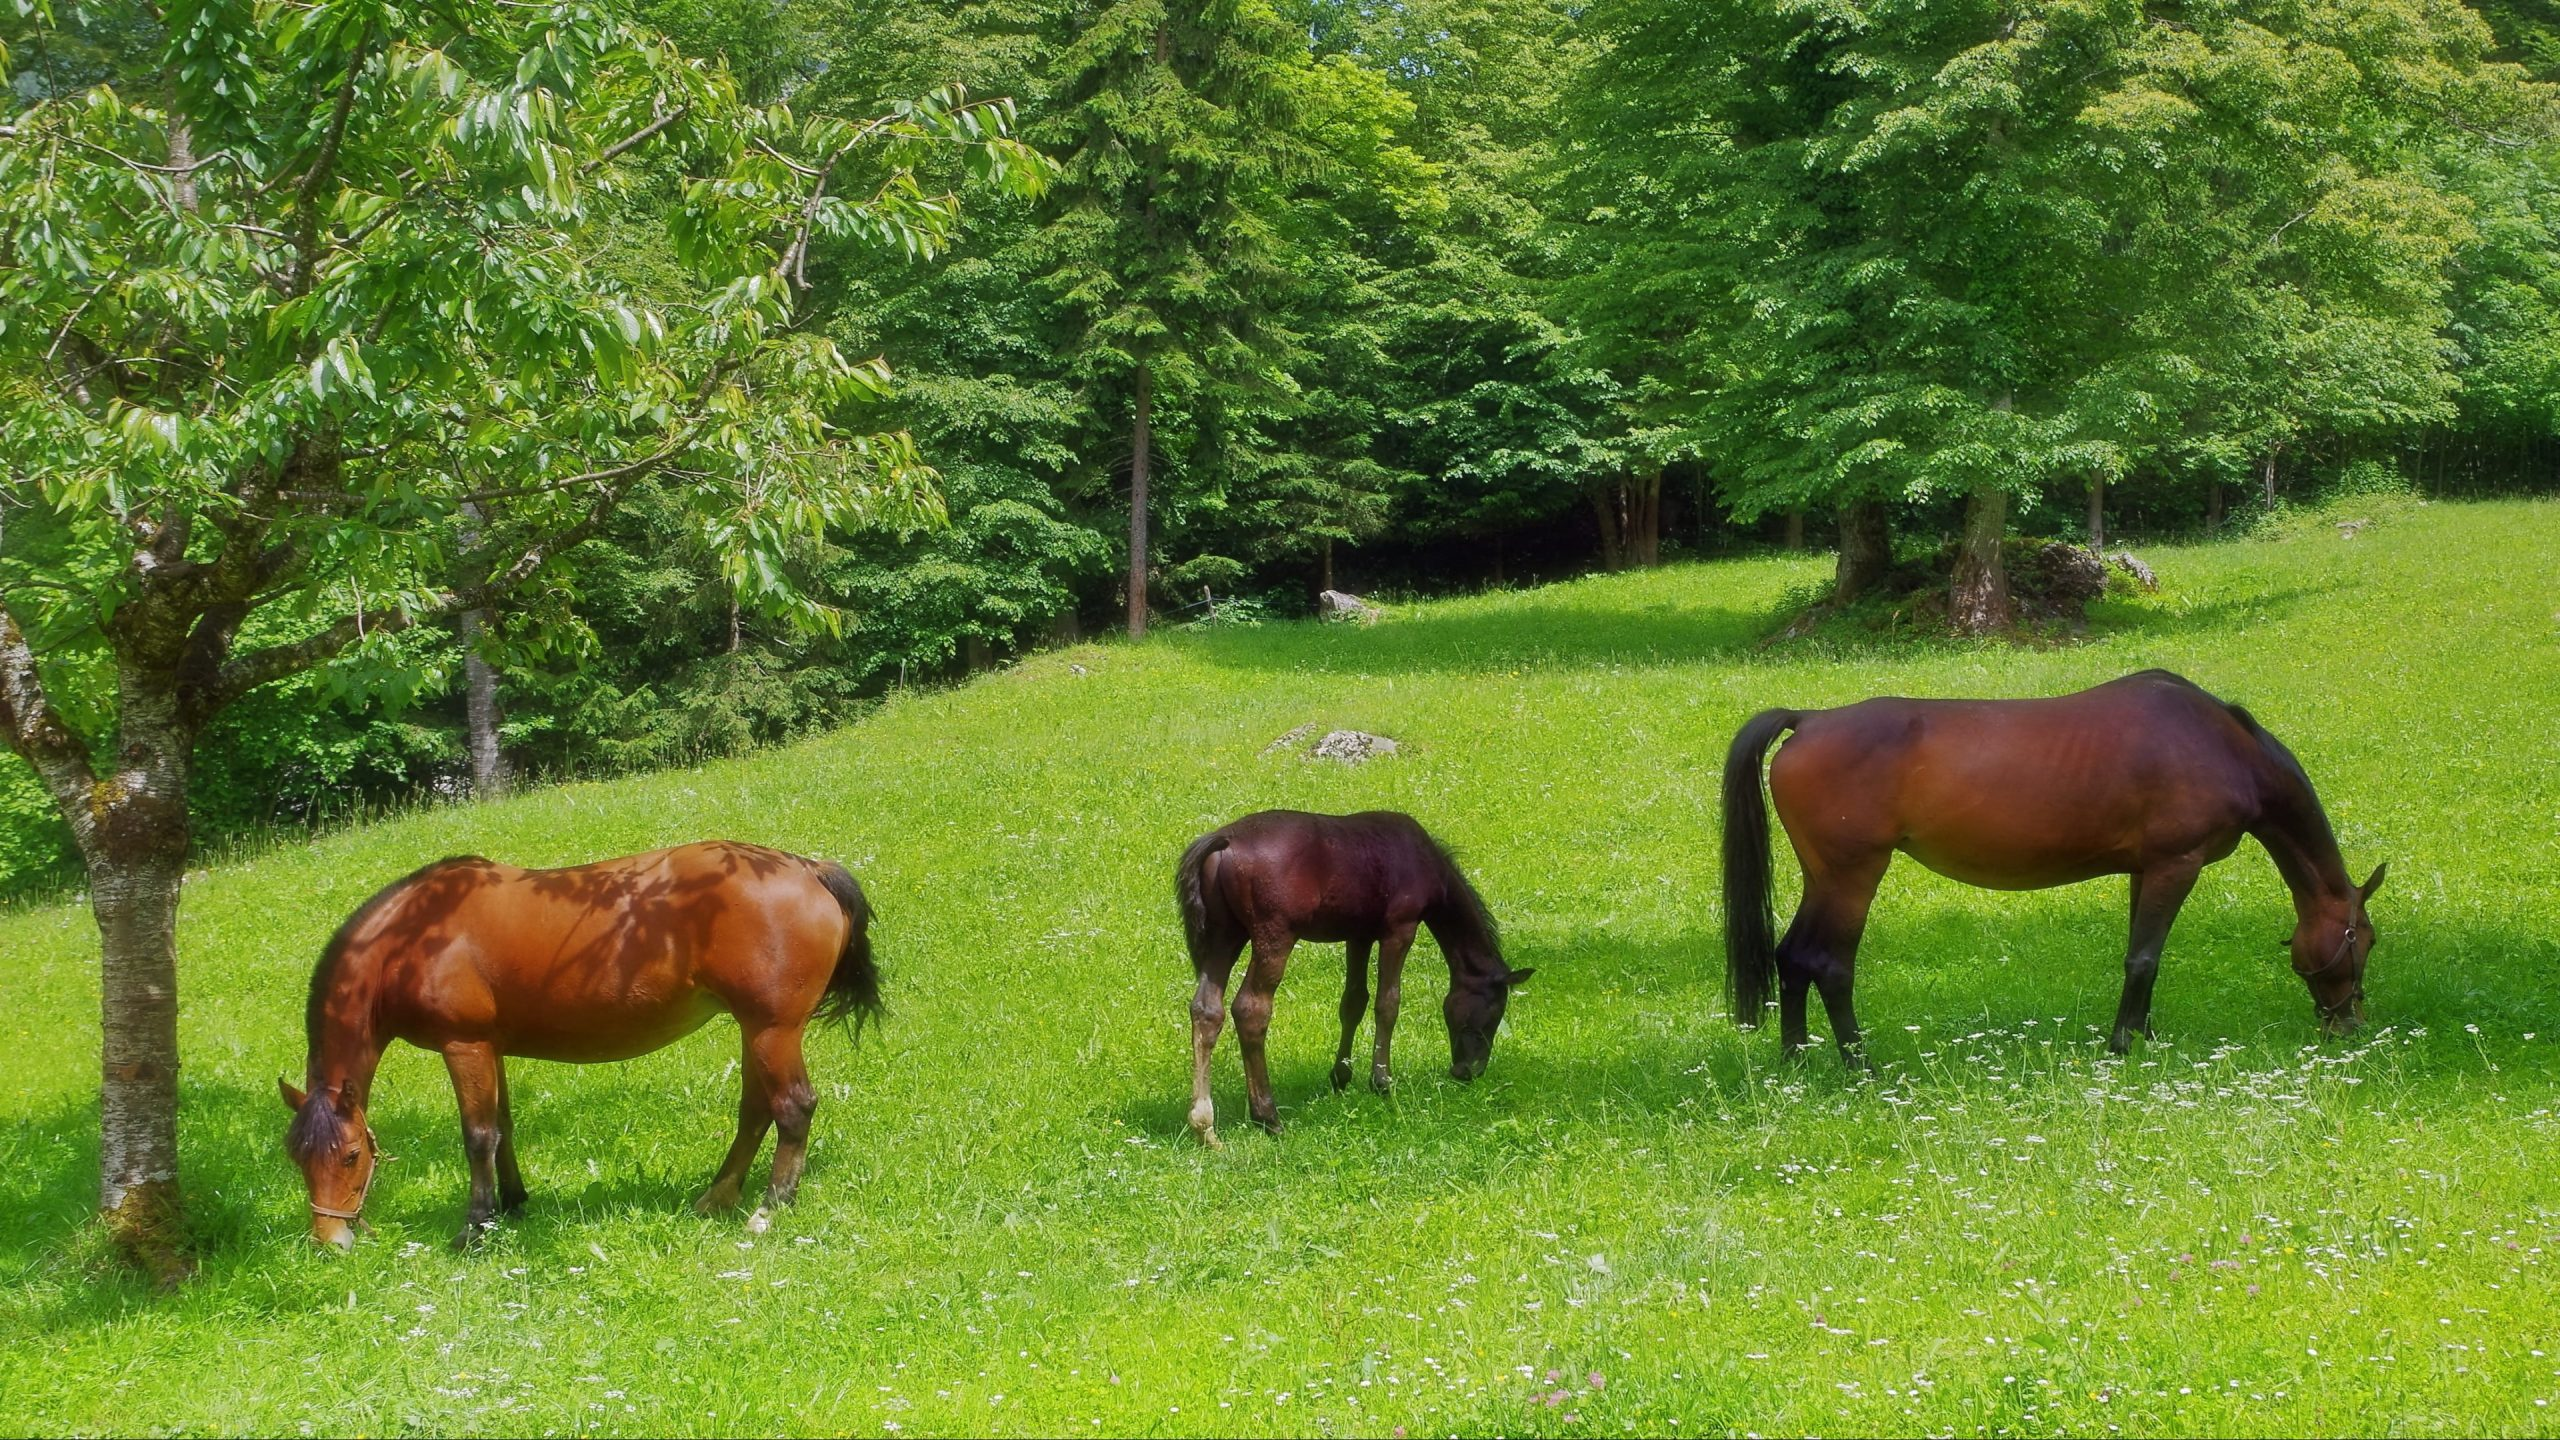 Pferdebilder Kostenlos Ausdrucken mit Pferdebilder Zum Ausdrucken Gratis